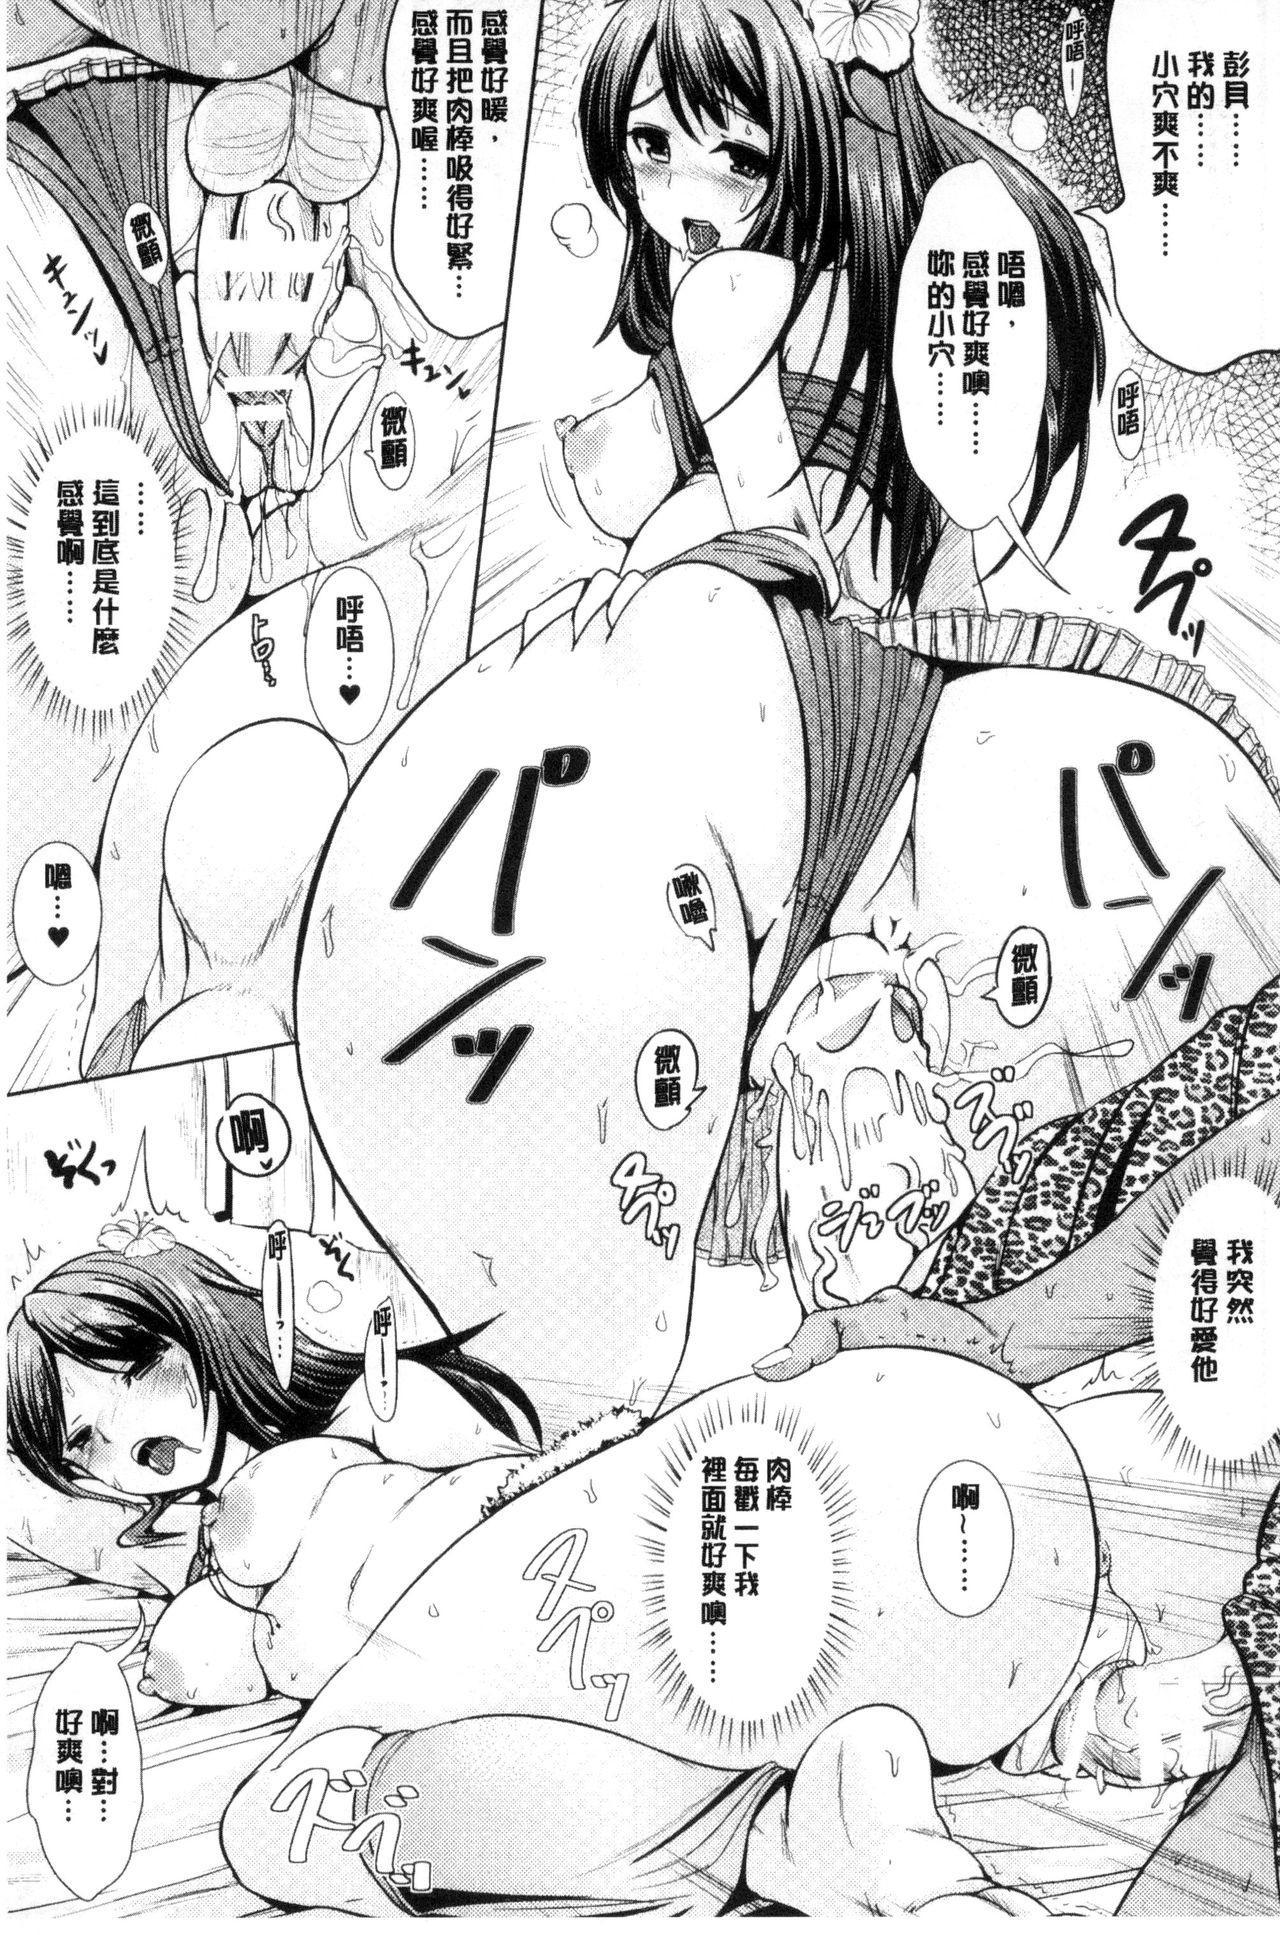 [Marneko] Onnanoko Supple ~Seitenkan Shite Hoken no Jugyou~   女孩子補給品 性轉換之後保健的授業 [Chinese] 94